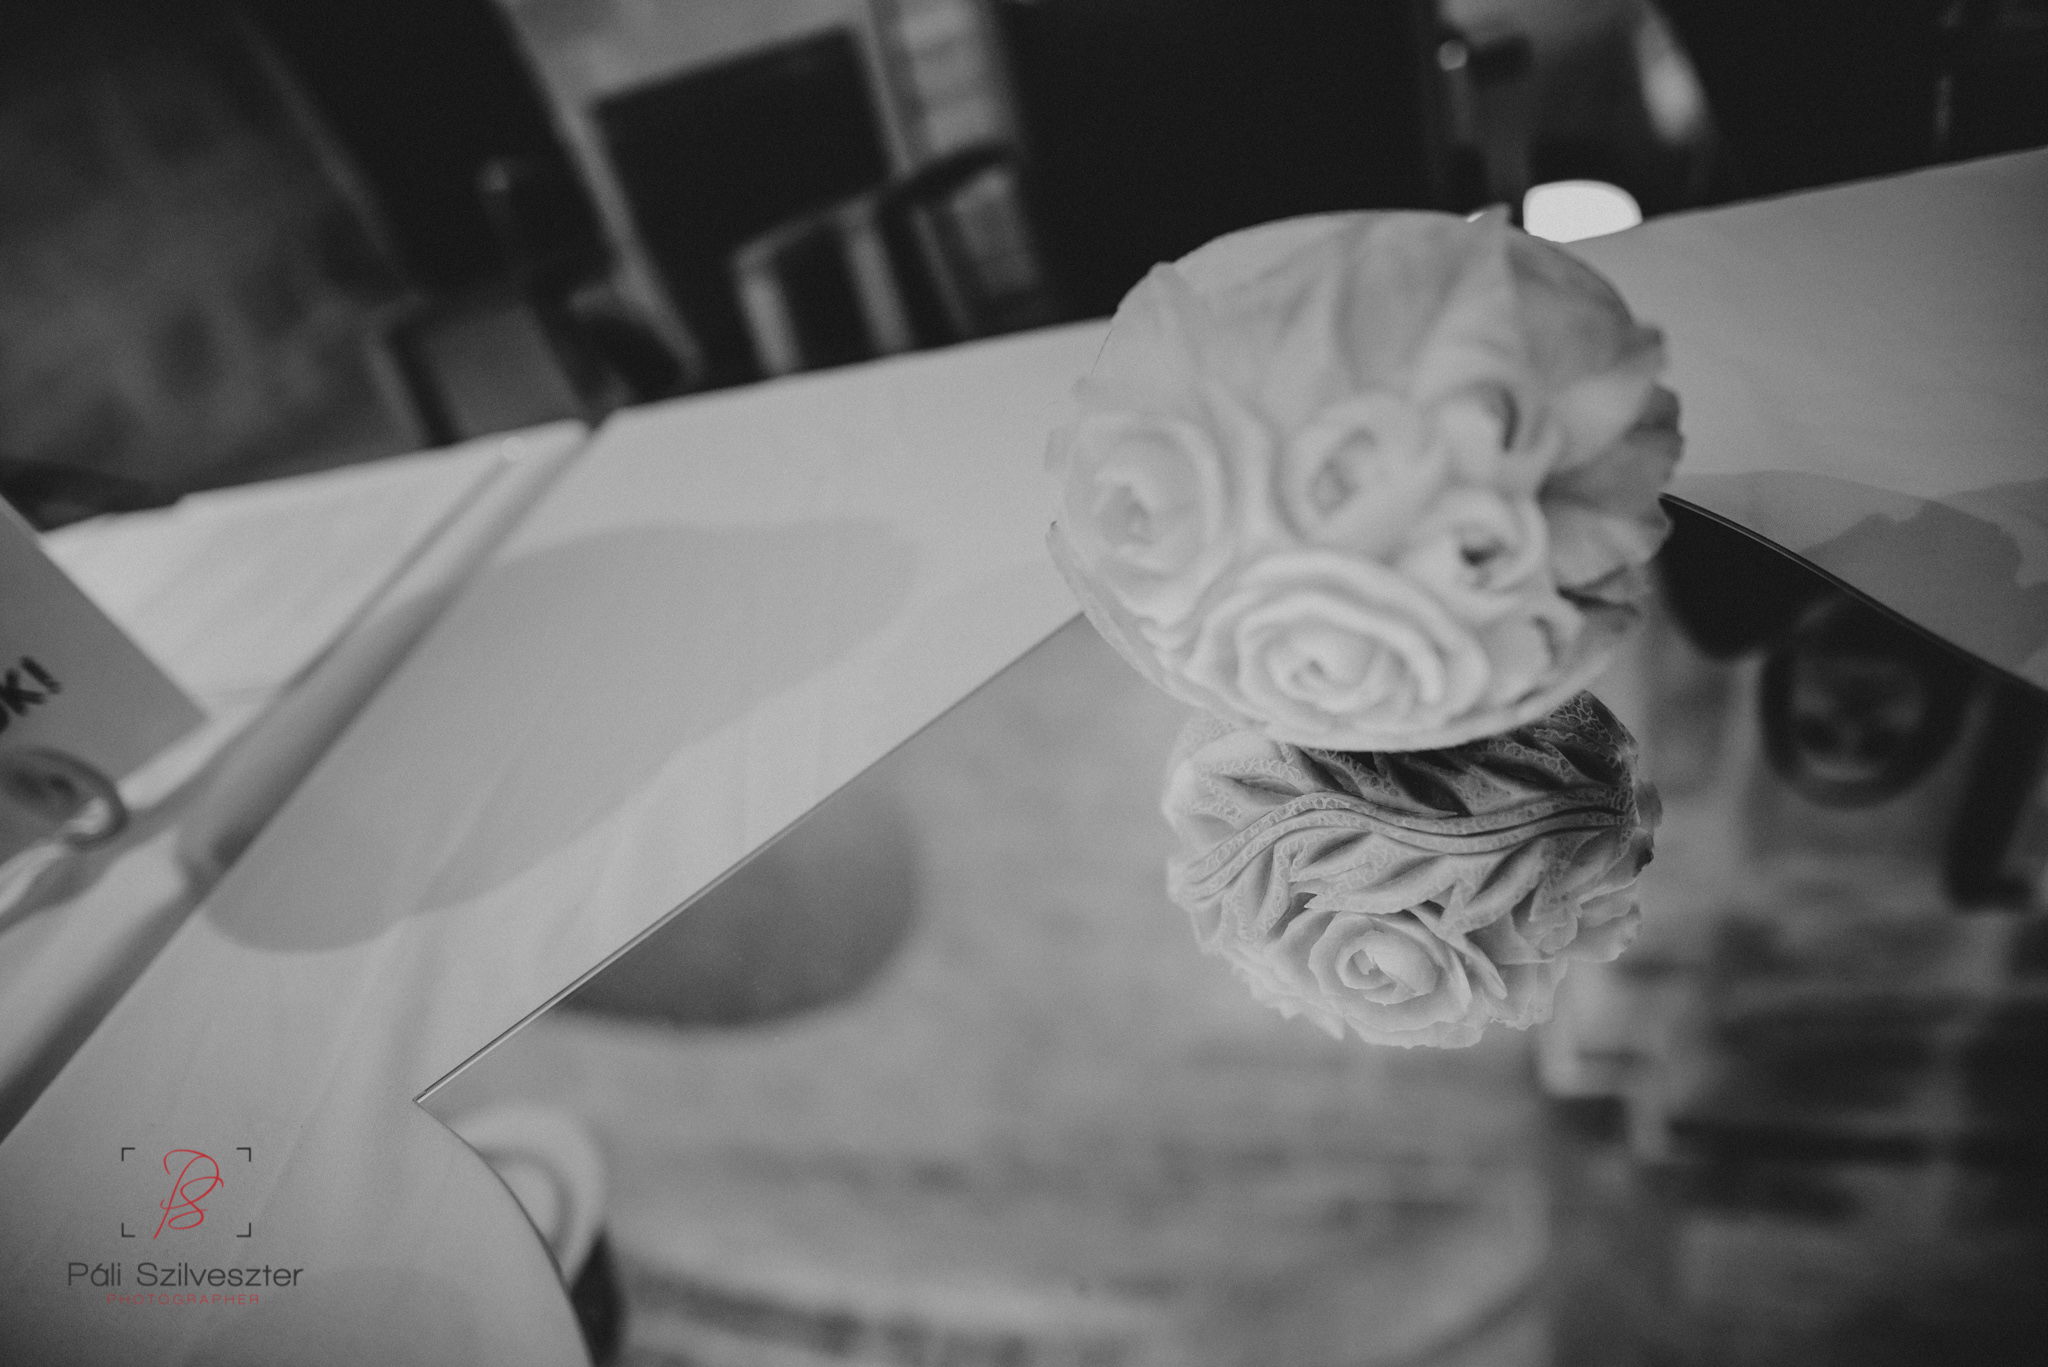 Páli-Szilveszter-székesfehérvári-esküvői-fotós-esztergom-prímás-pince-esüvőkiállítás-2016-01-23-70500.jpg